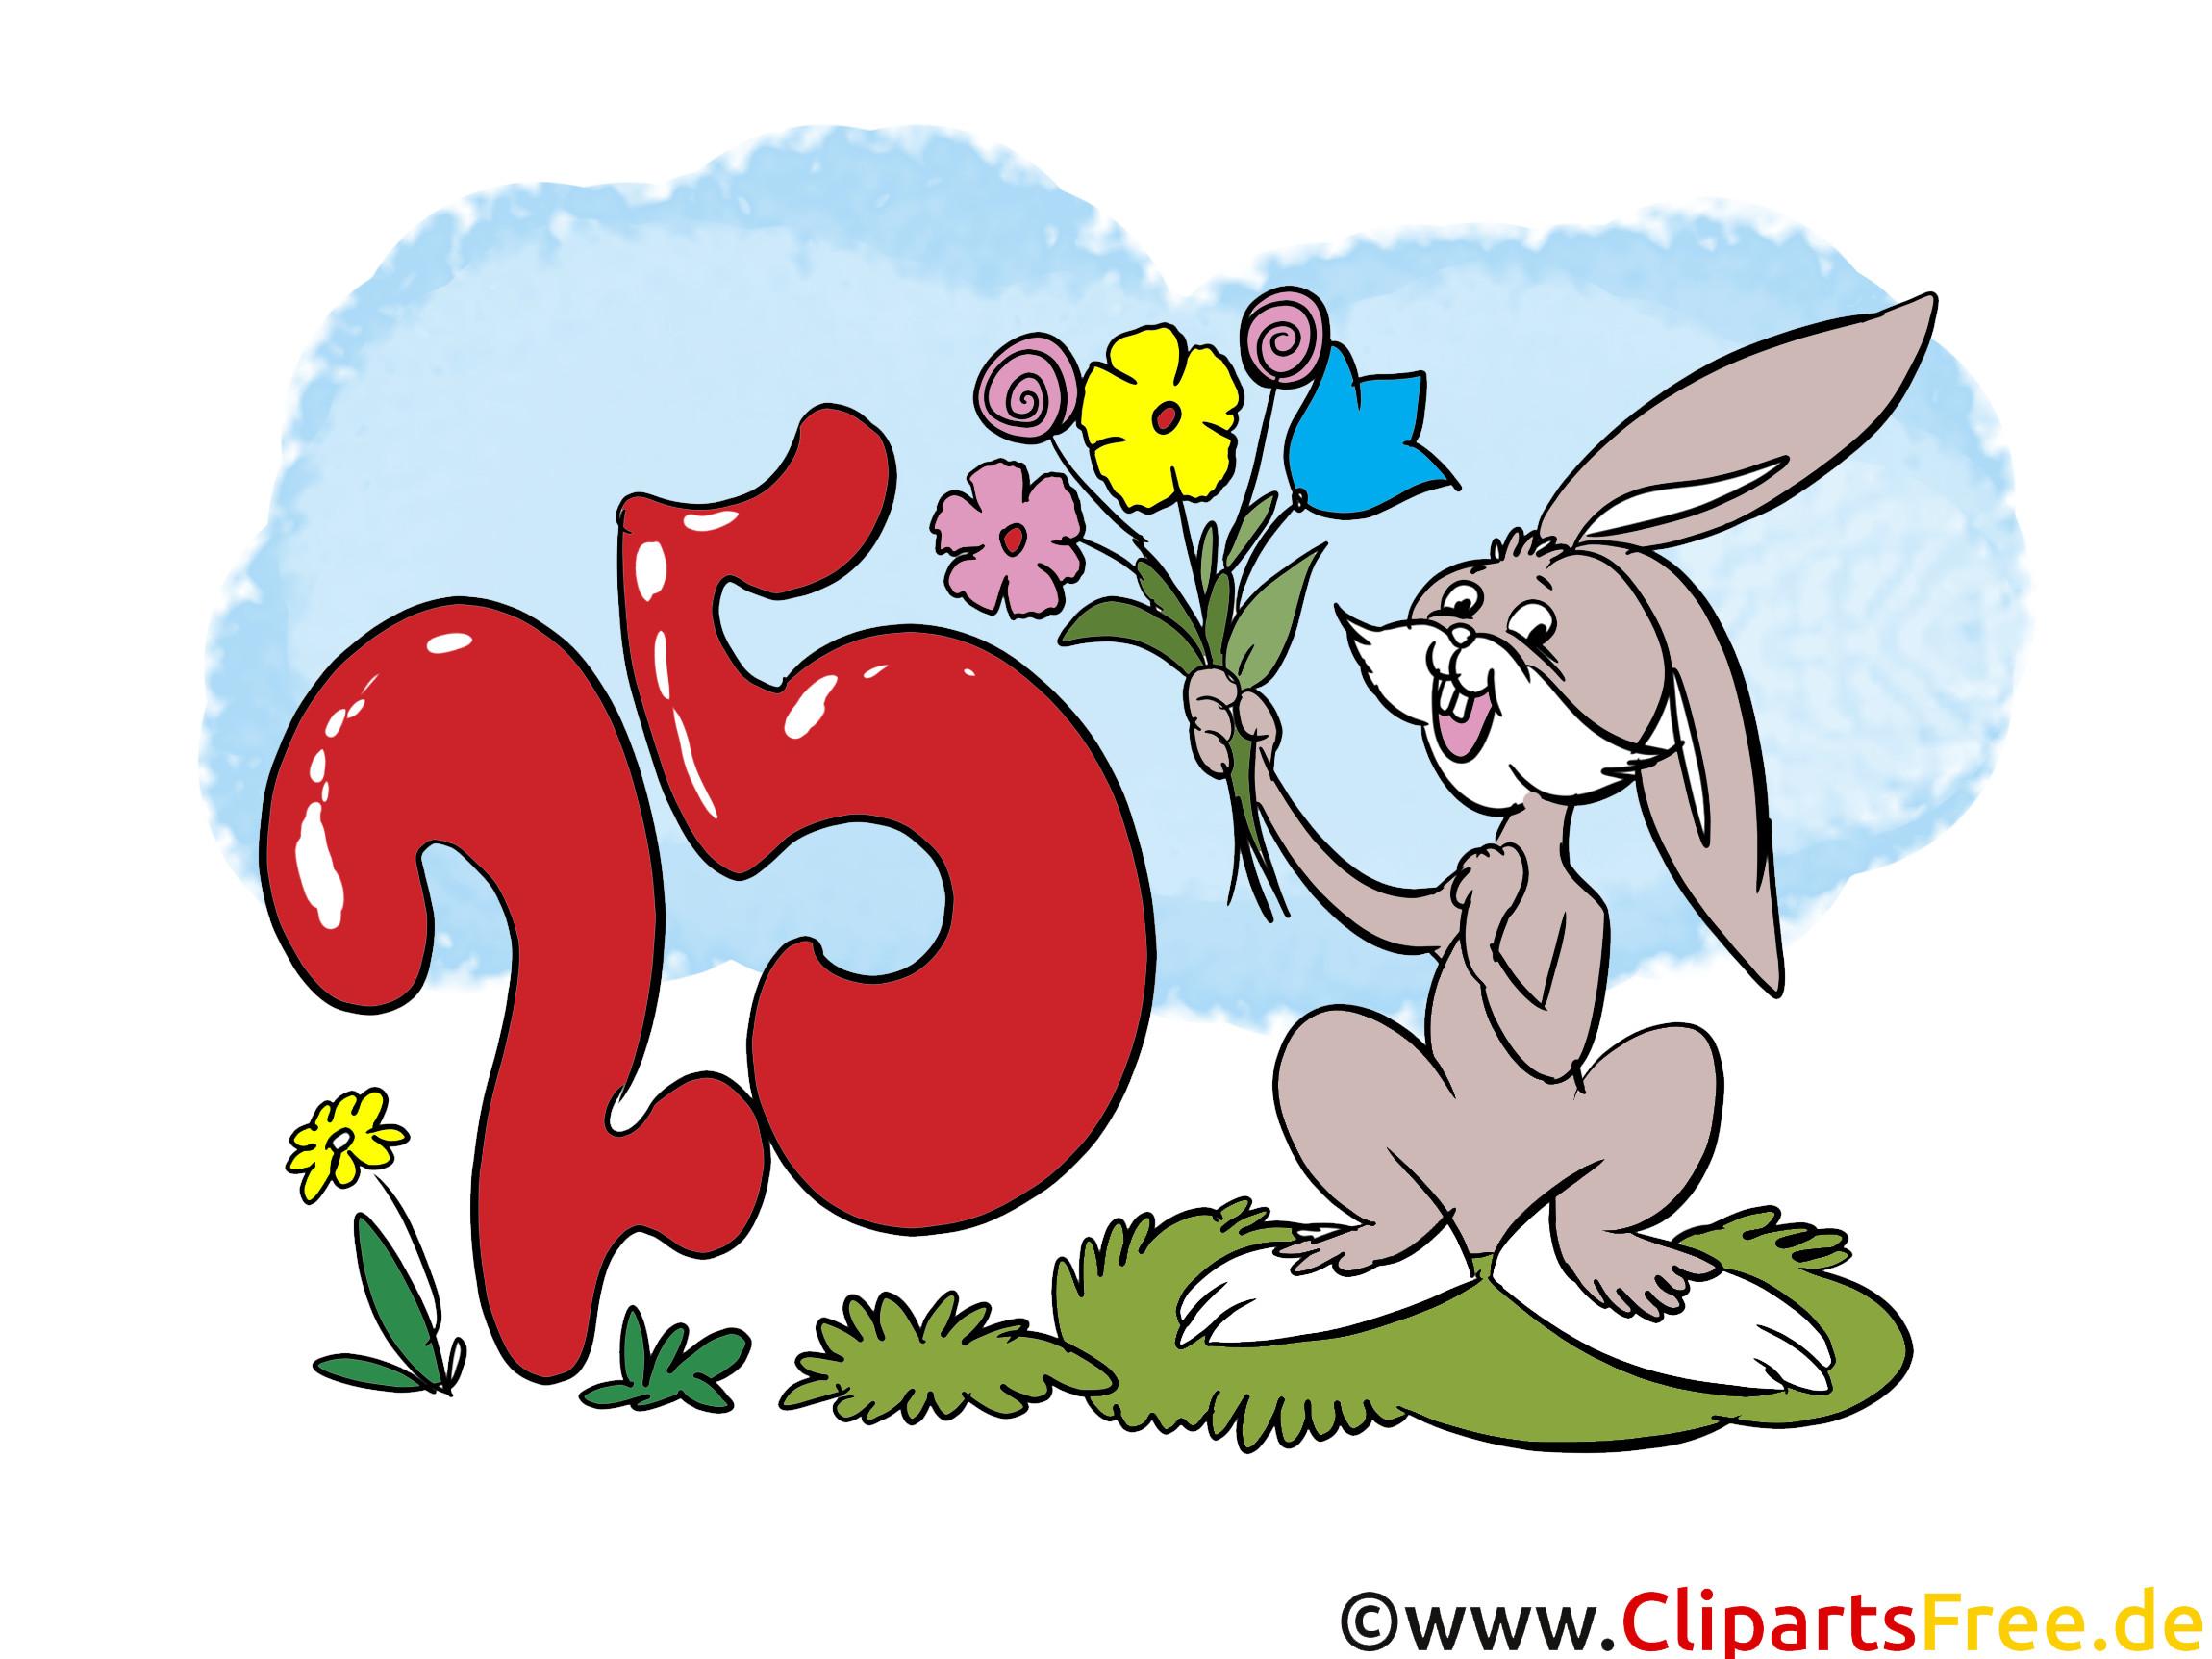 Geburtstagswünsche Zum 55  Lustige Geburtstagswünsche zum 25 Geburtstag eCard Bild